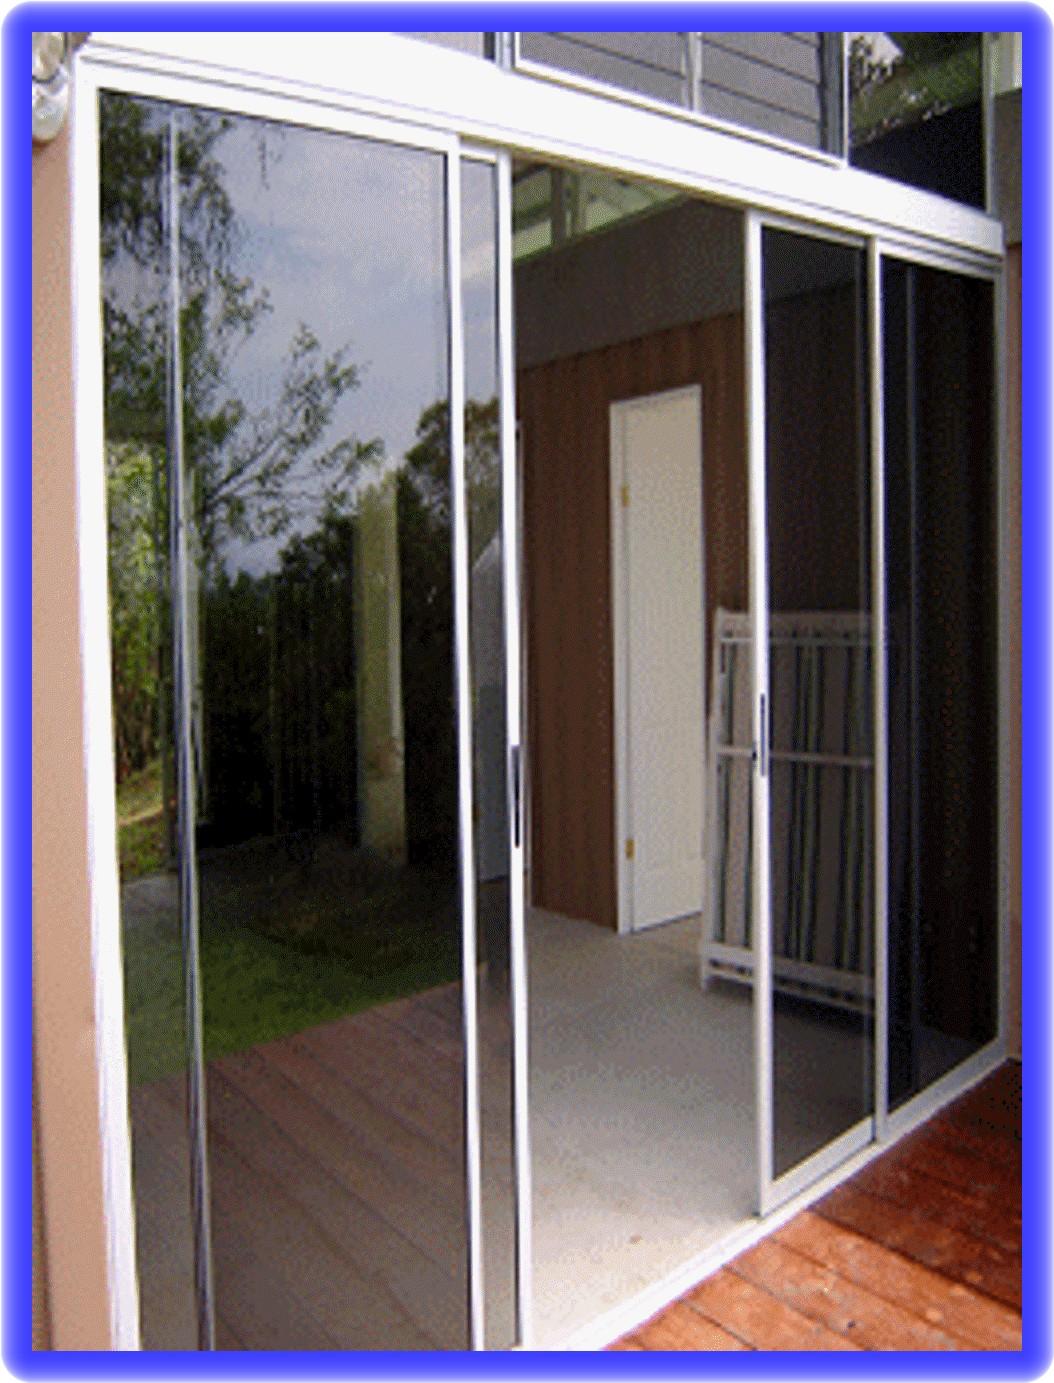 Plaza libre set 3 puertas corredizas de balcon en - Puertas de vidrio correderas ...